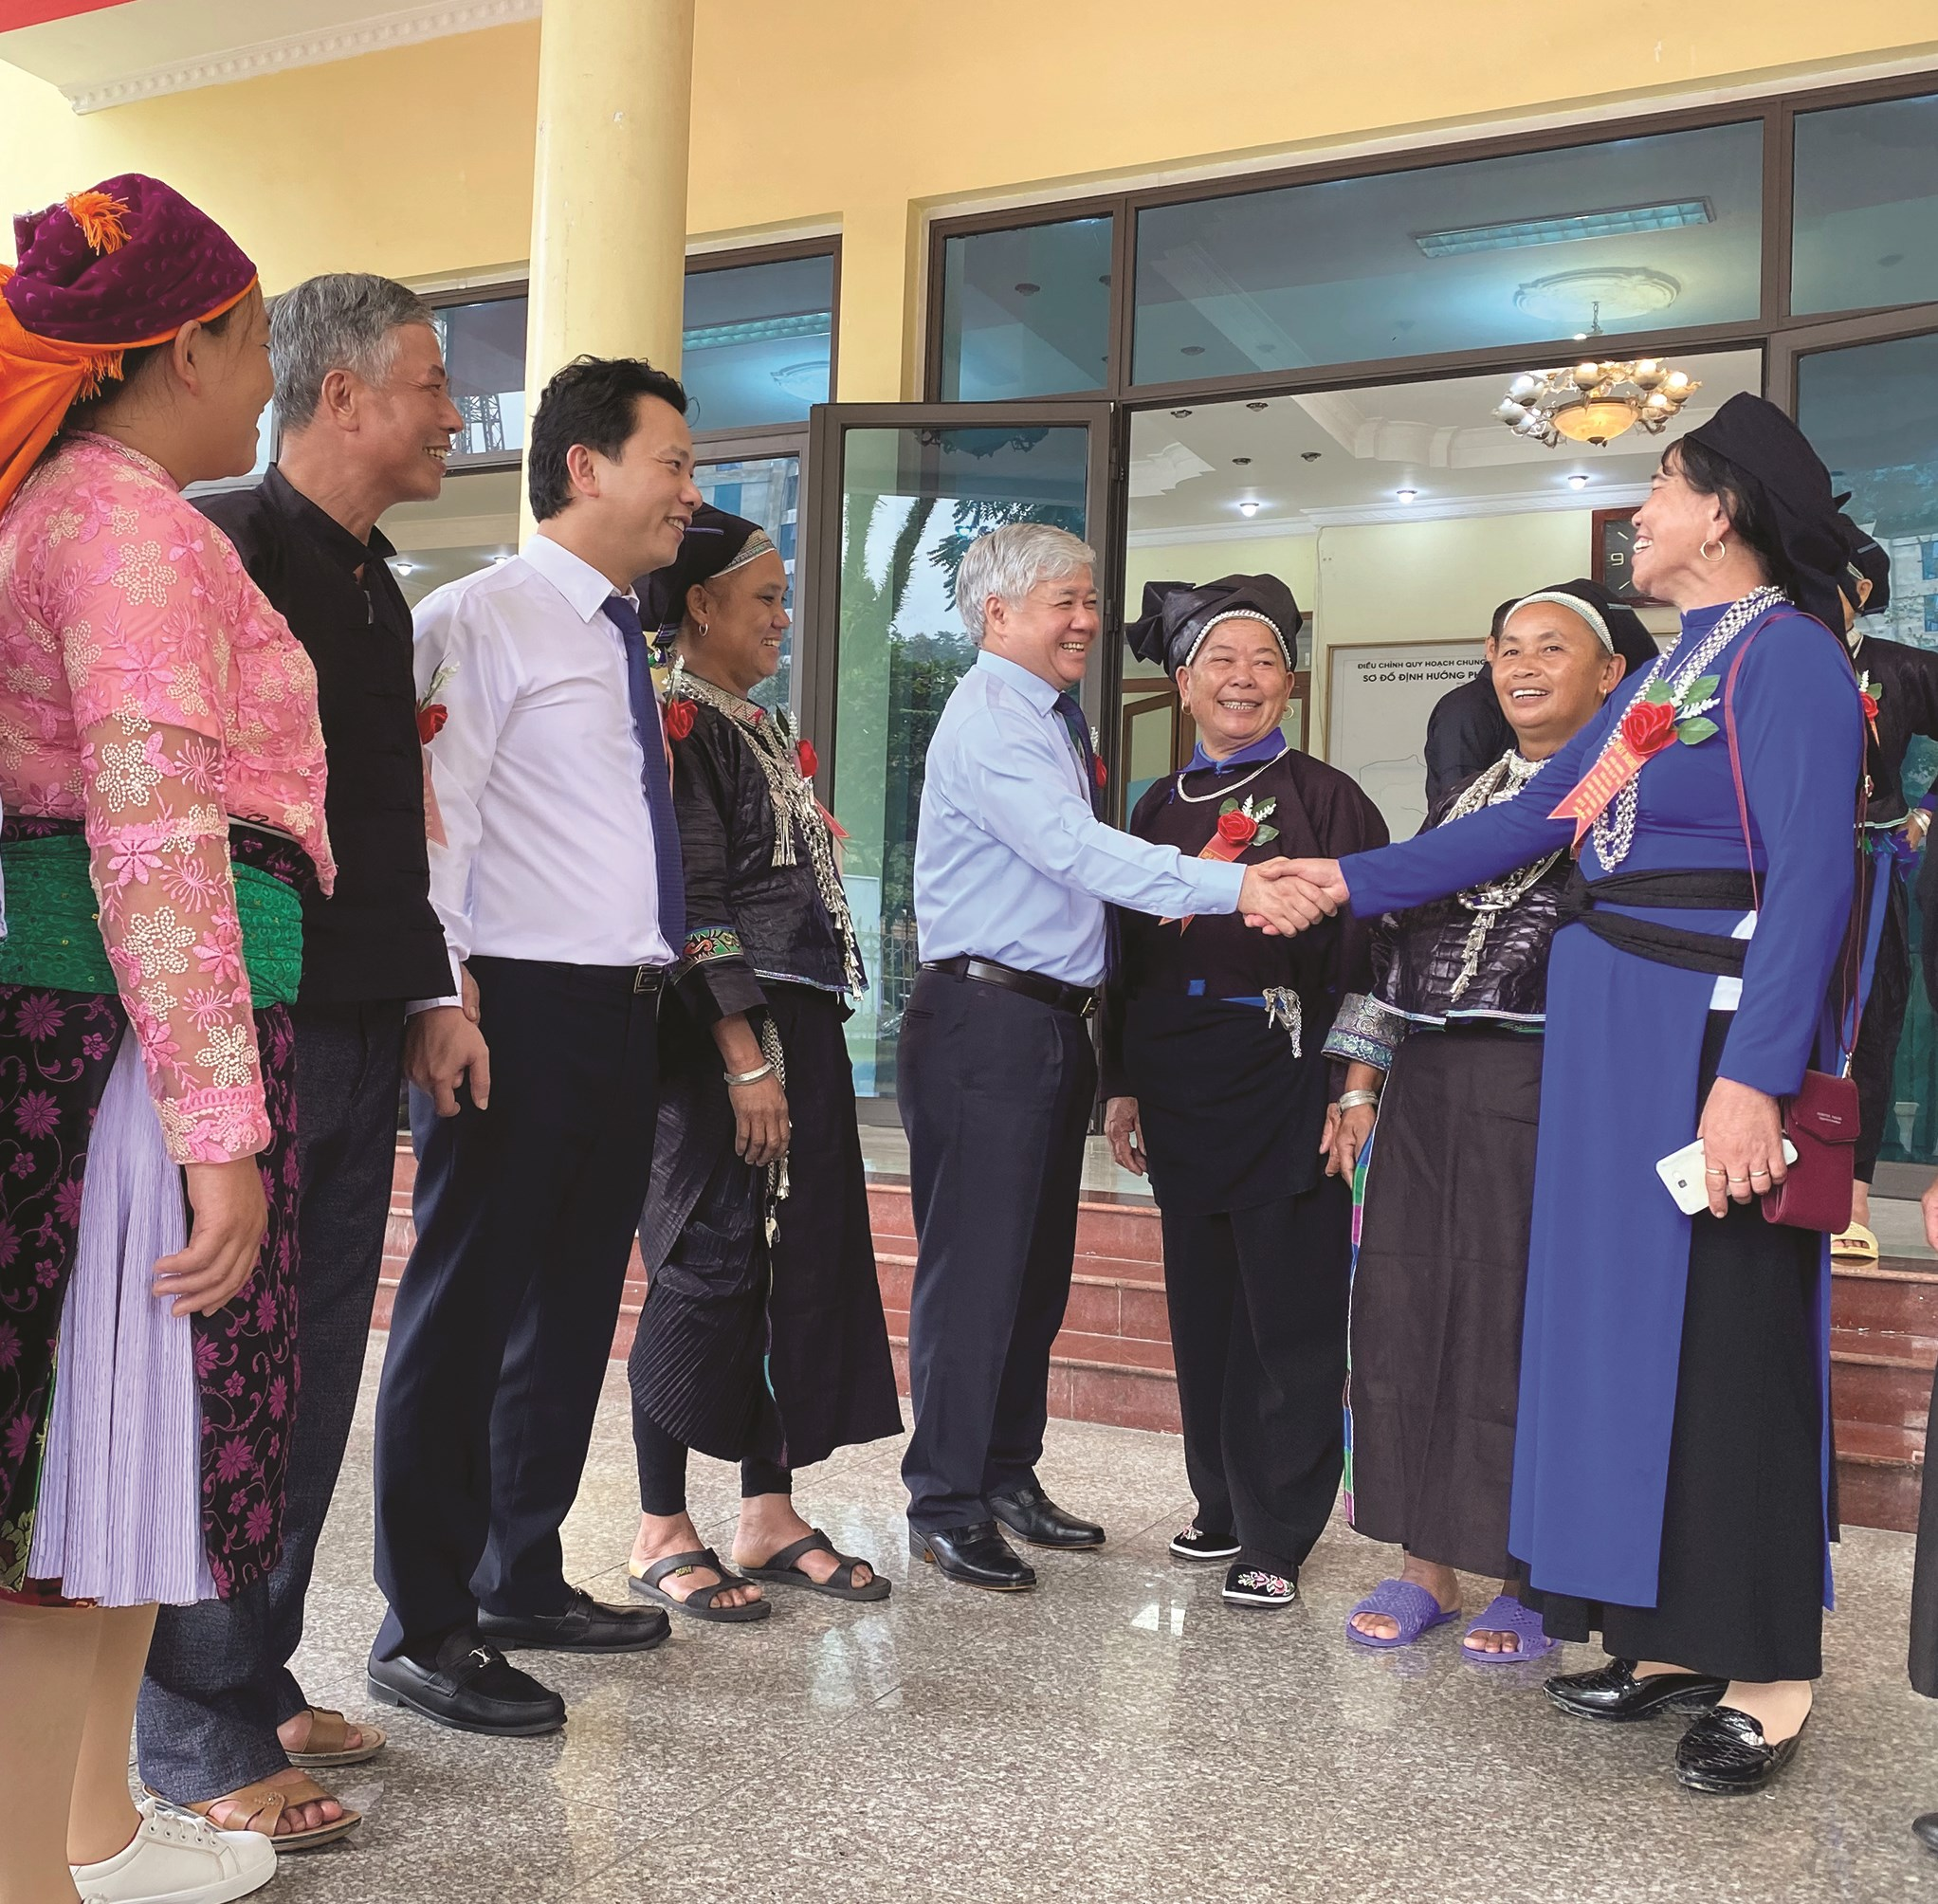 Đồng chí Đỗ Văn Chiến trò chuyện với Người có uy tín tiêu biểu trong đồng bào DTTS tỉnh Hà Giang.